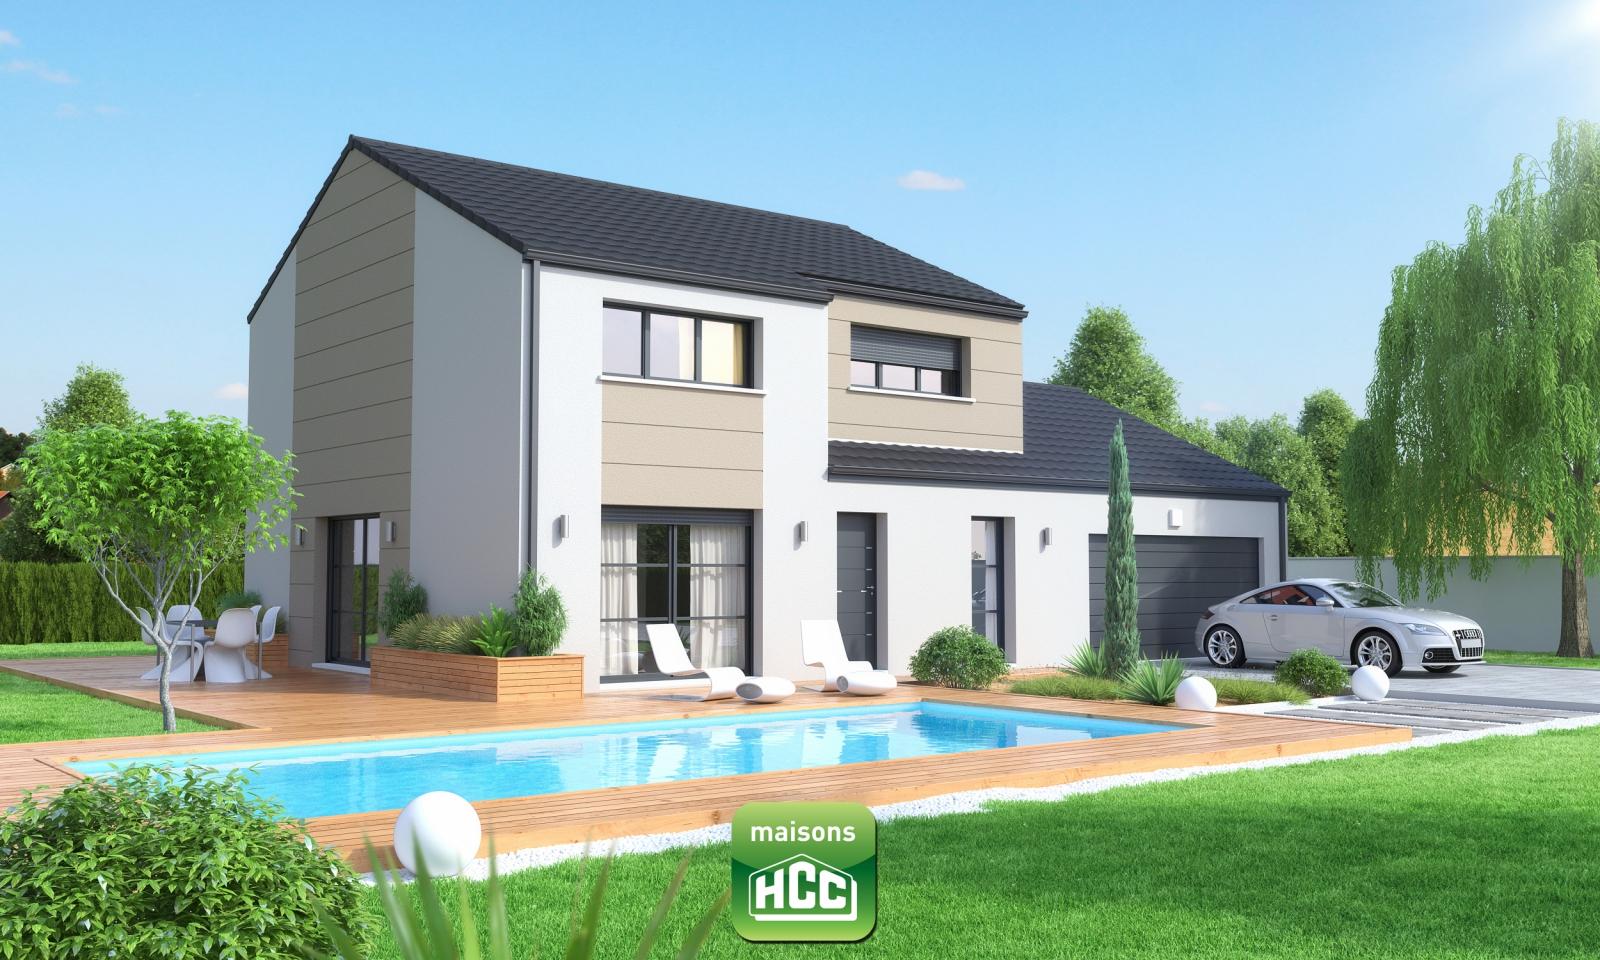 constructeur maison aude